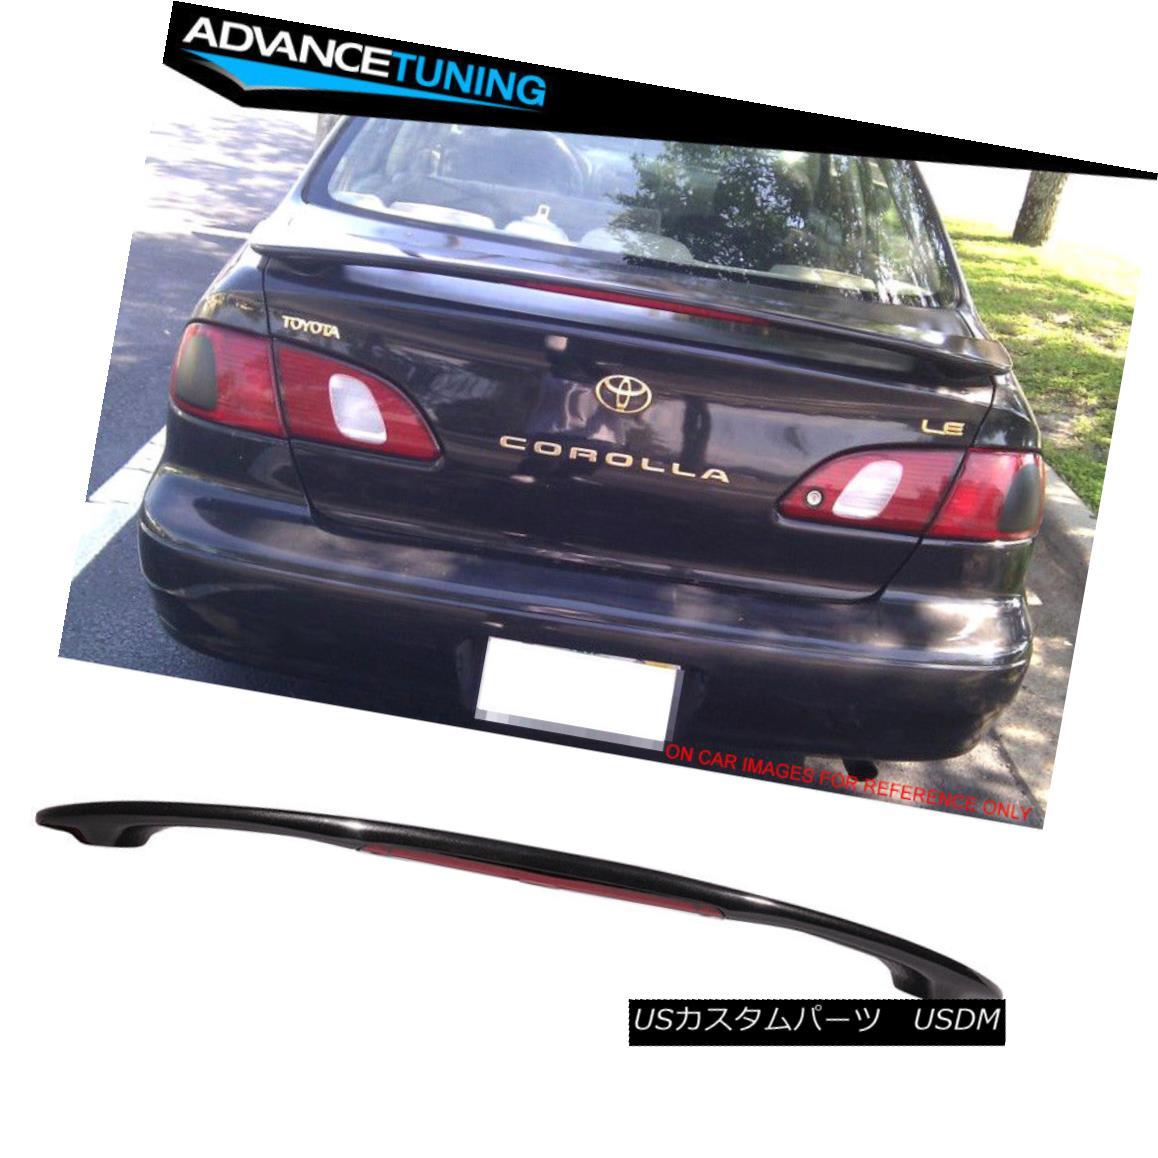 エアロパーツ Fits 98-02 Toyota Corolla OE Style Trunk Spoiler Painted #205 Satin Black フィット98-02トヨタカローラOEスタイルトランクスポイラー#205サテンブラックを塗装